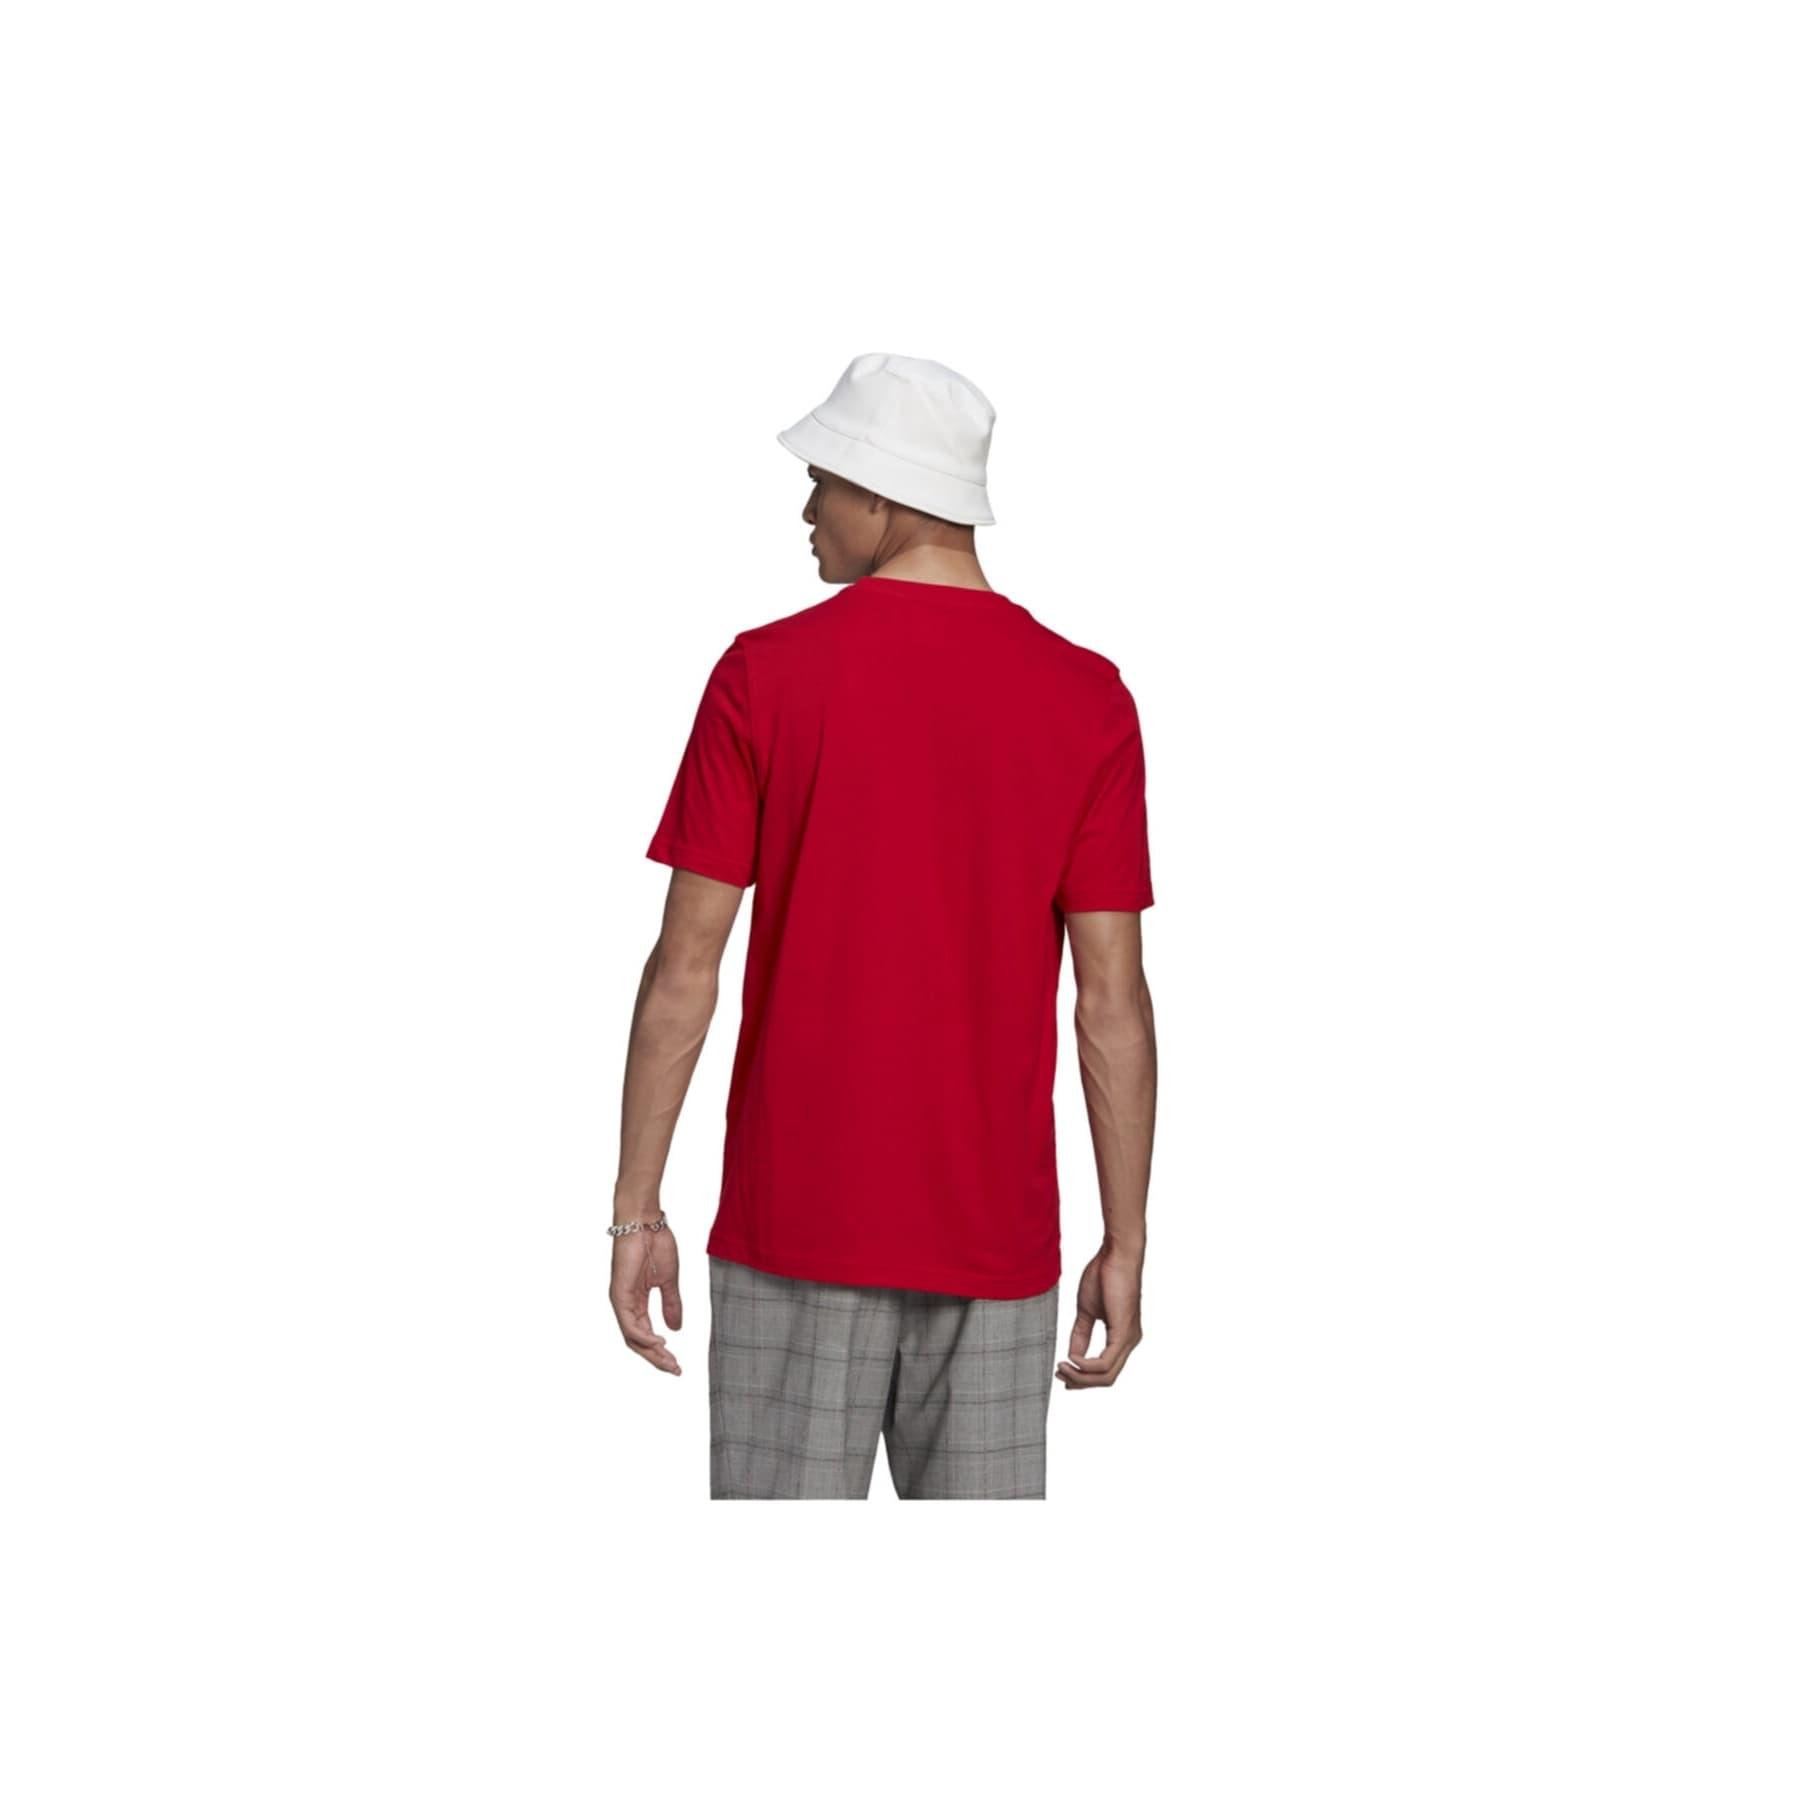 Adicolor Classics Trefoil Erkek Kırmızı Tişört (GN3468)